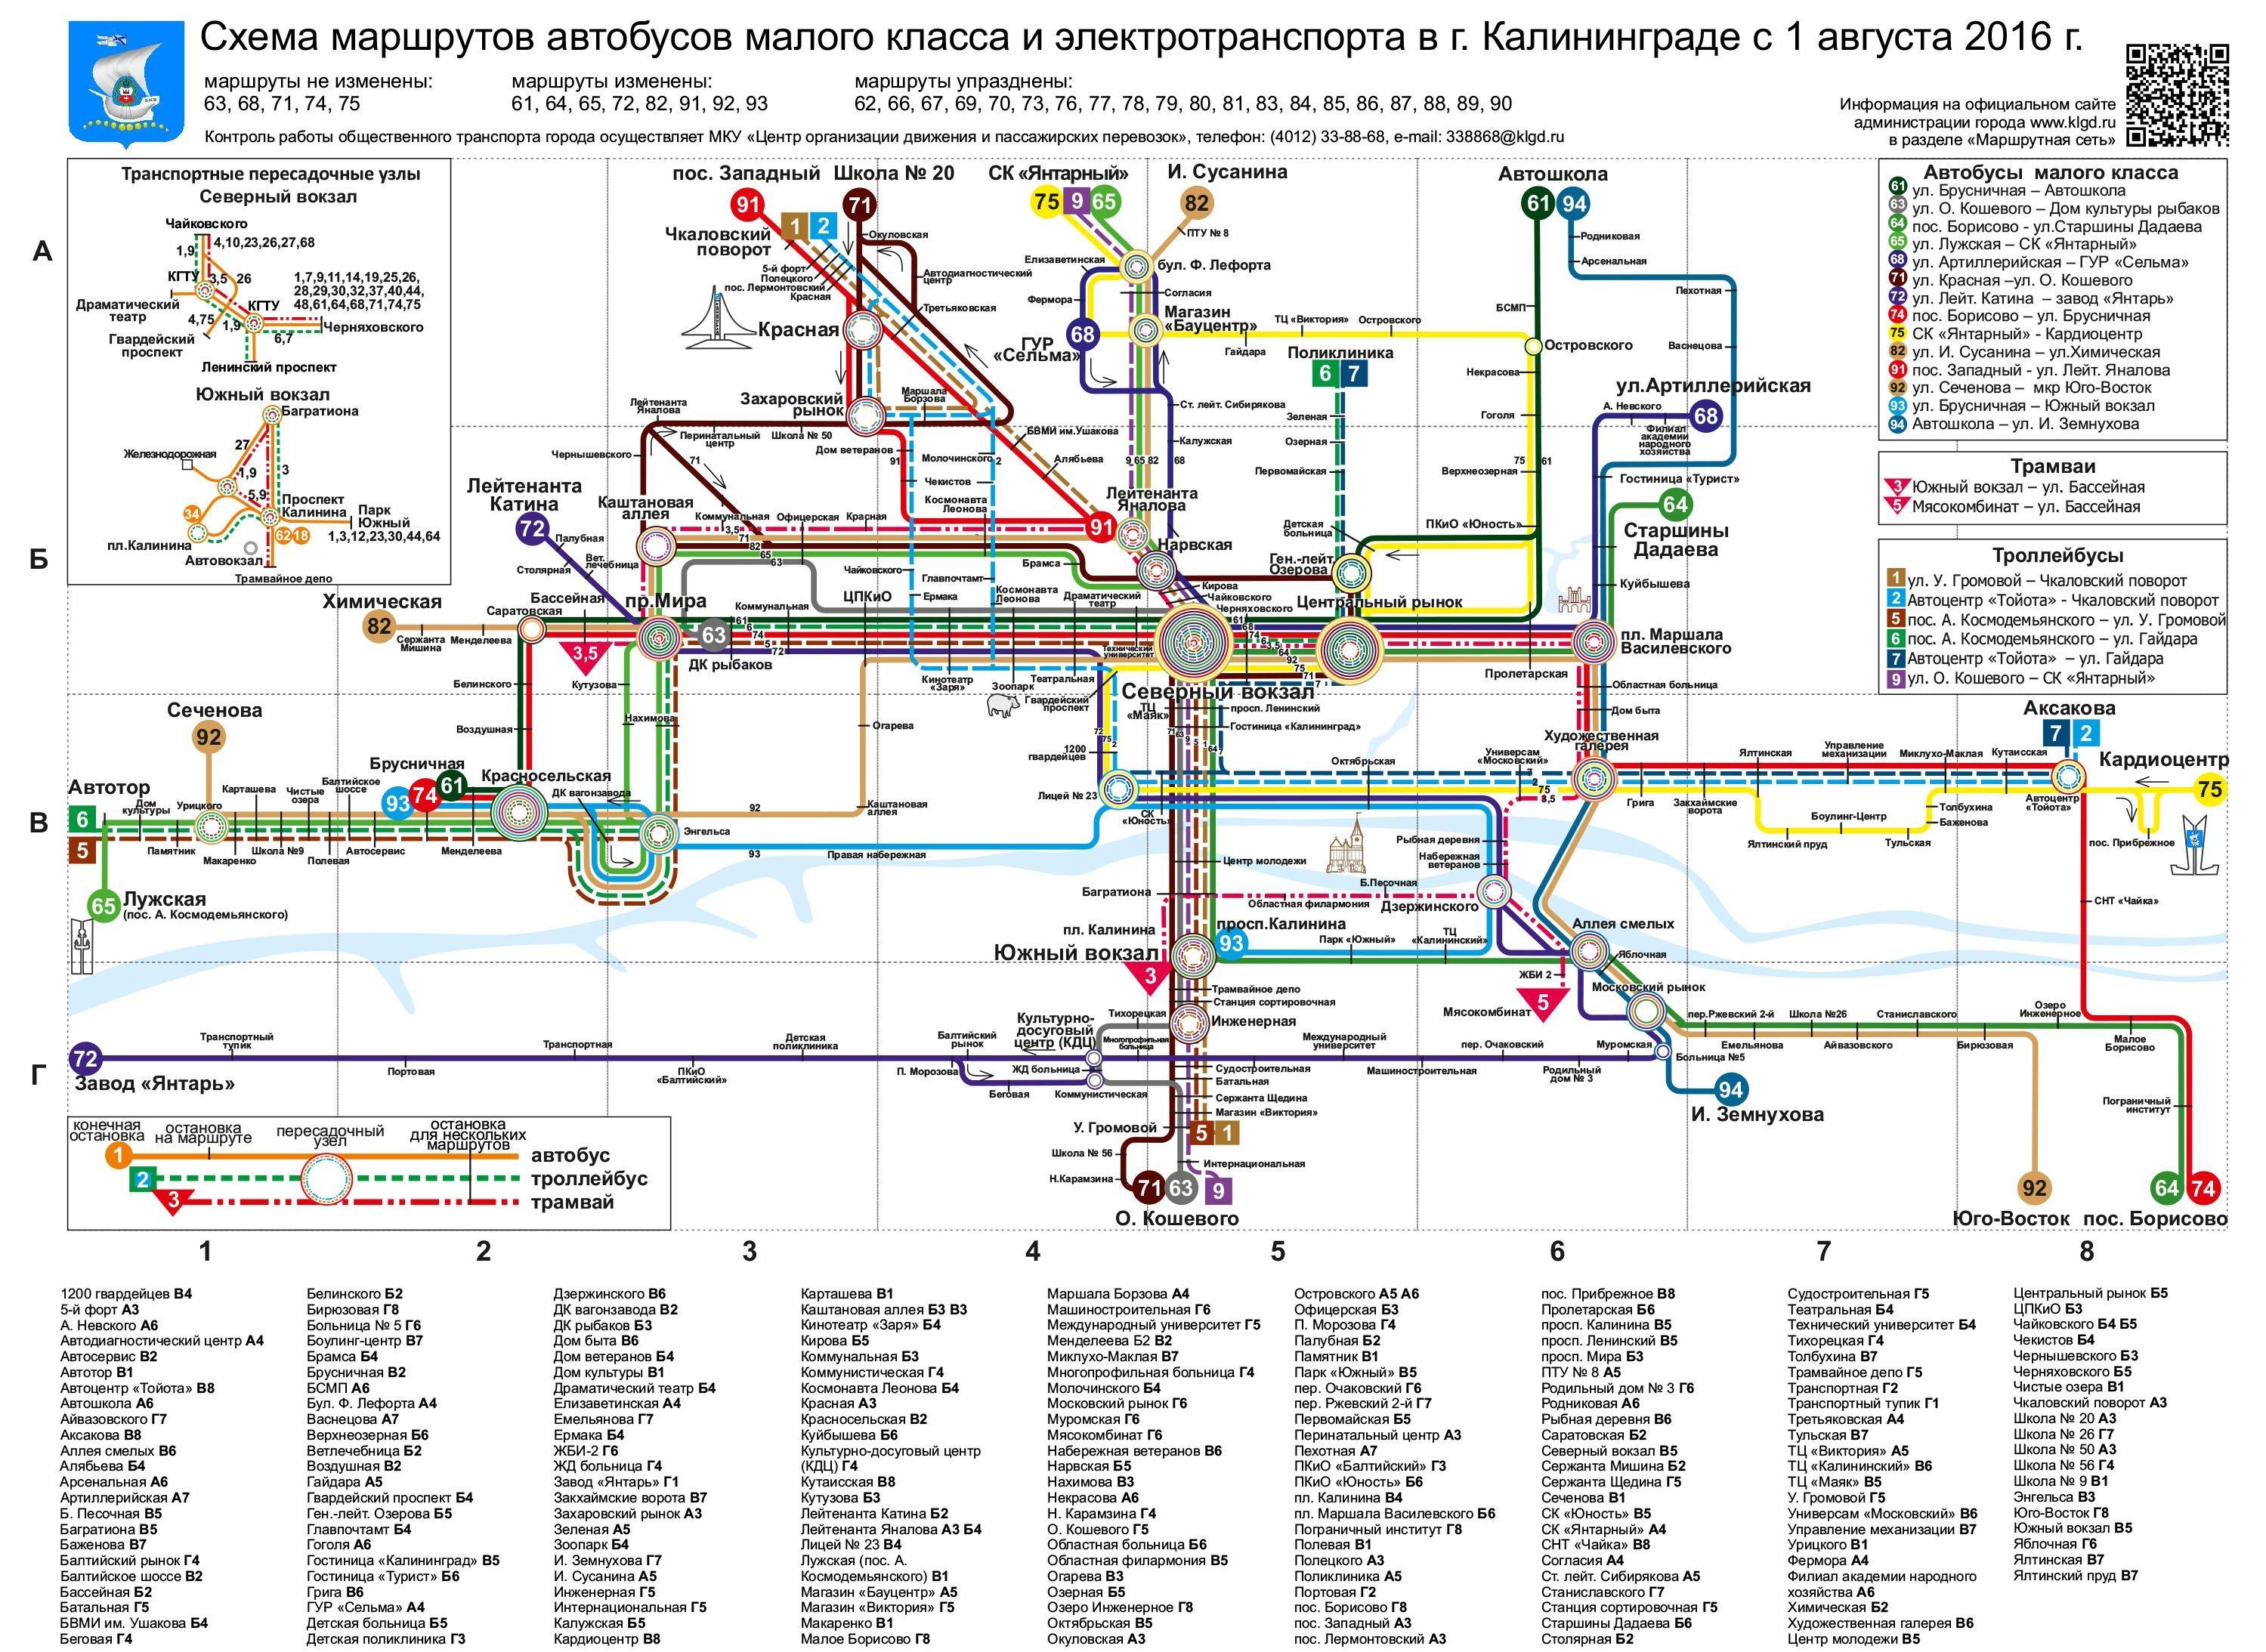 Новая схема движения автобусов фото 82